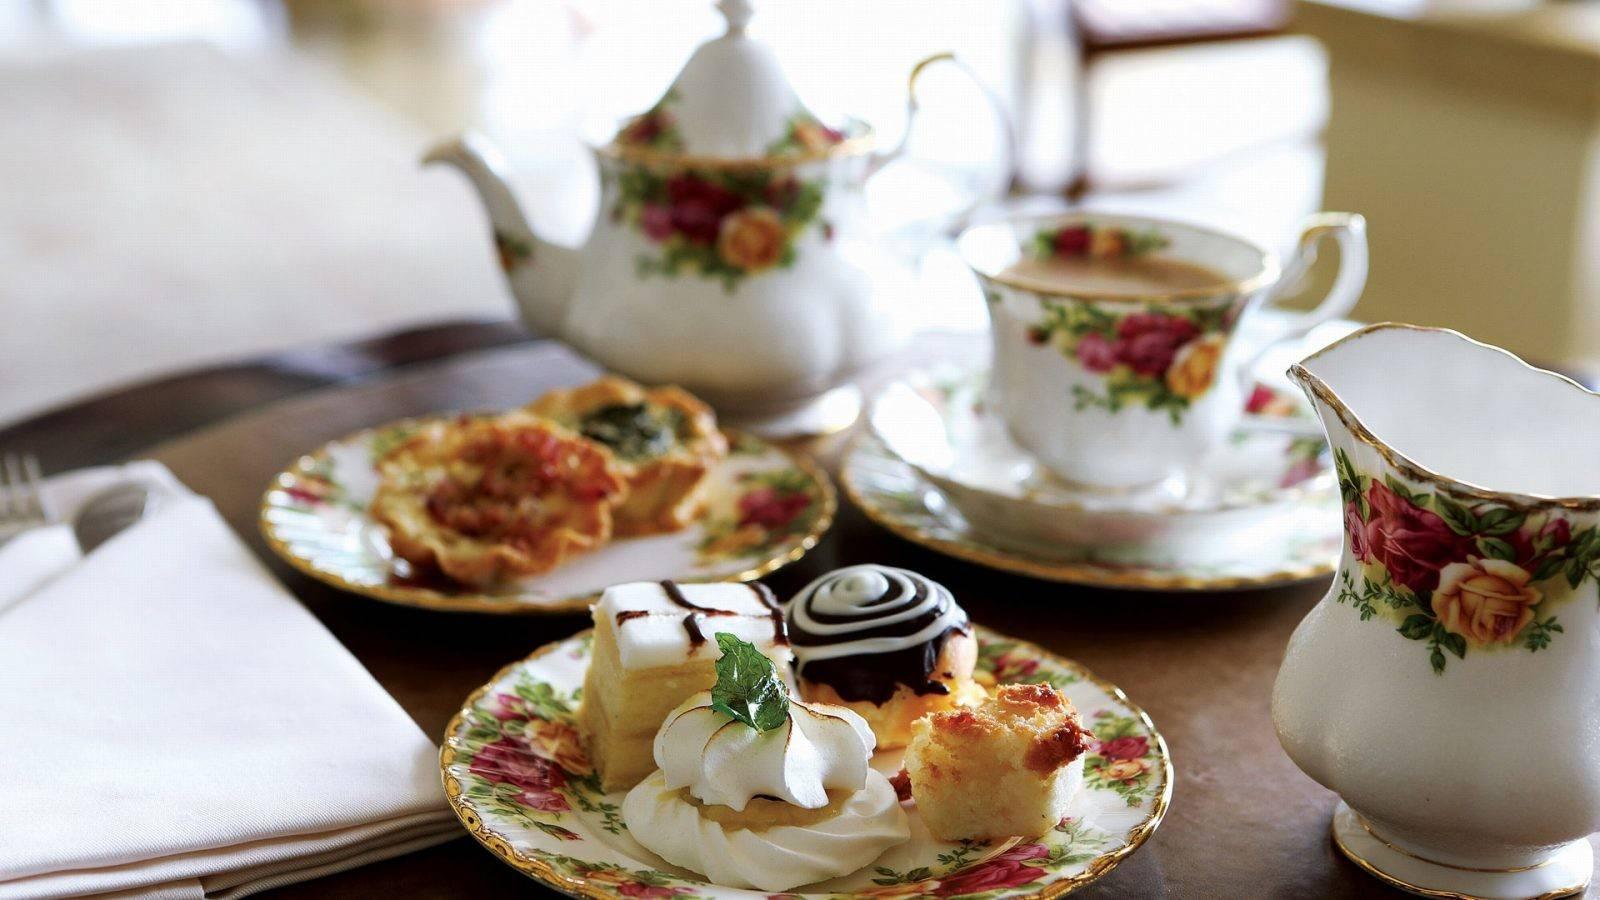 Чаепитие в англии: традиции и история происхождения